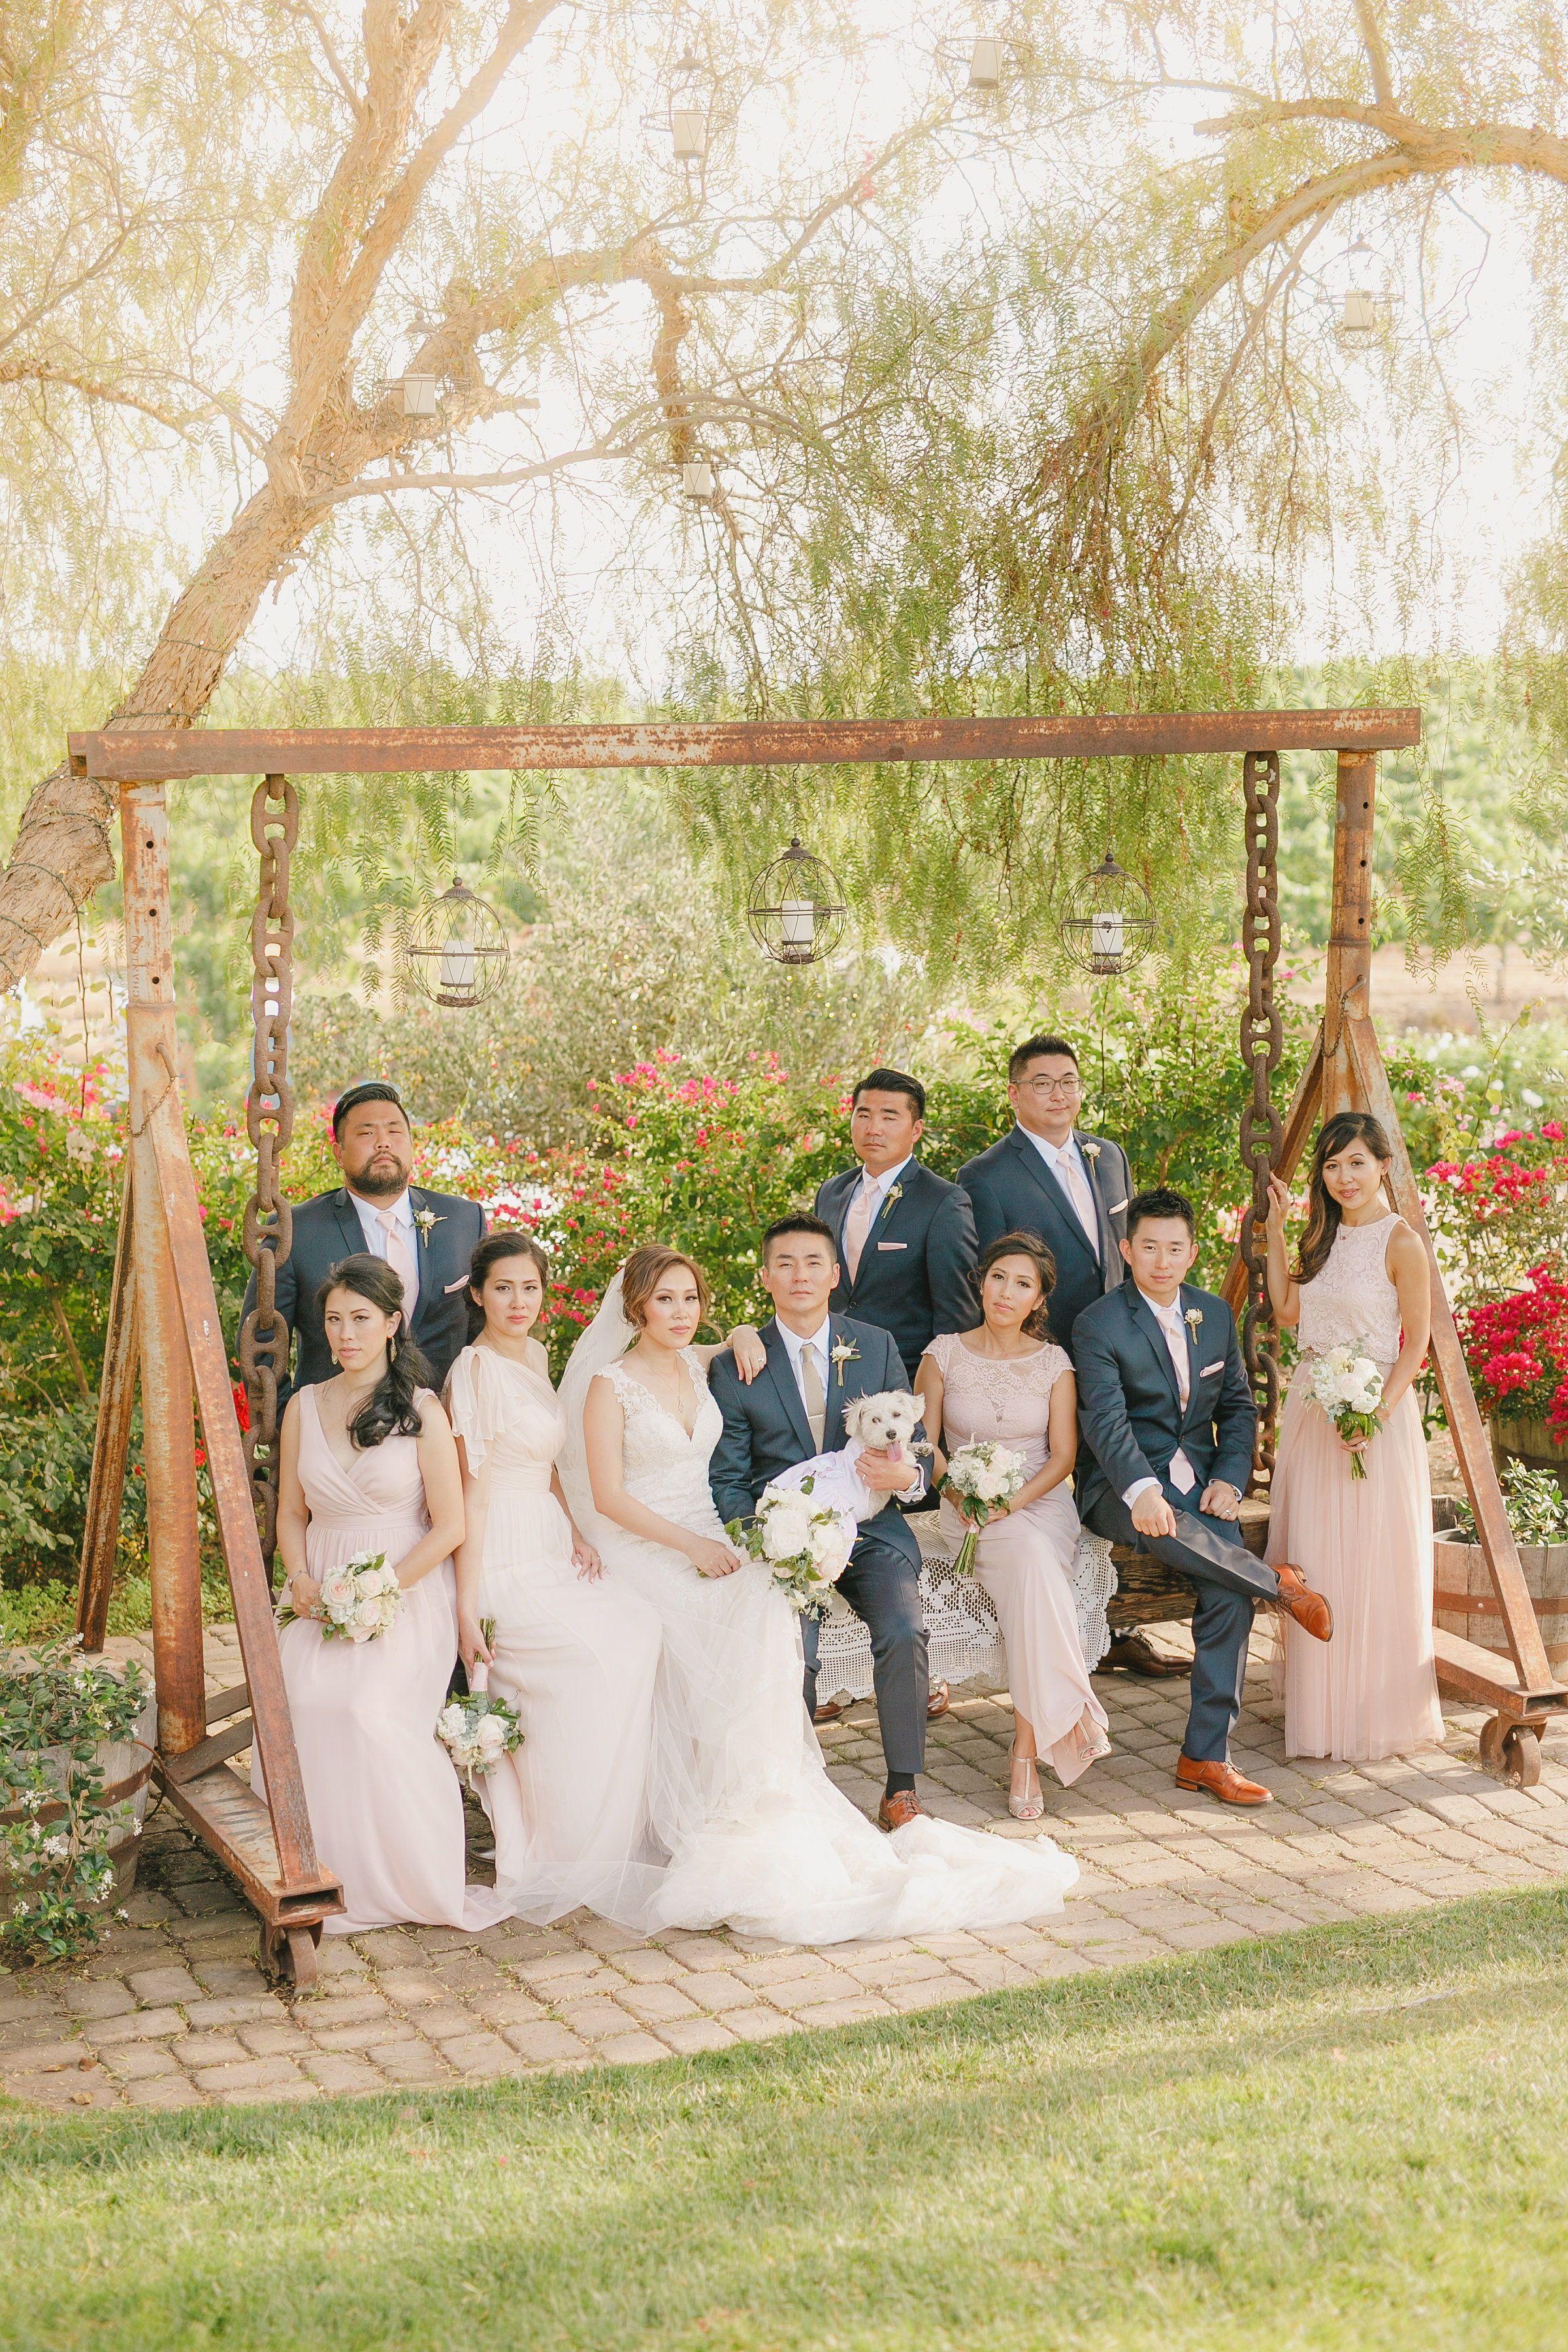 Wedding Party Posing On Swing At Villa De Amore Wedding Venue In Temecula Ca Casu Southern California Wedding Venues Wedding Photos California Wedding Venues